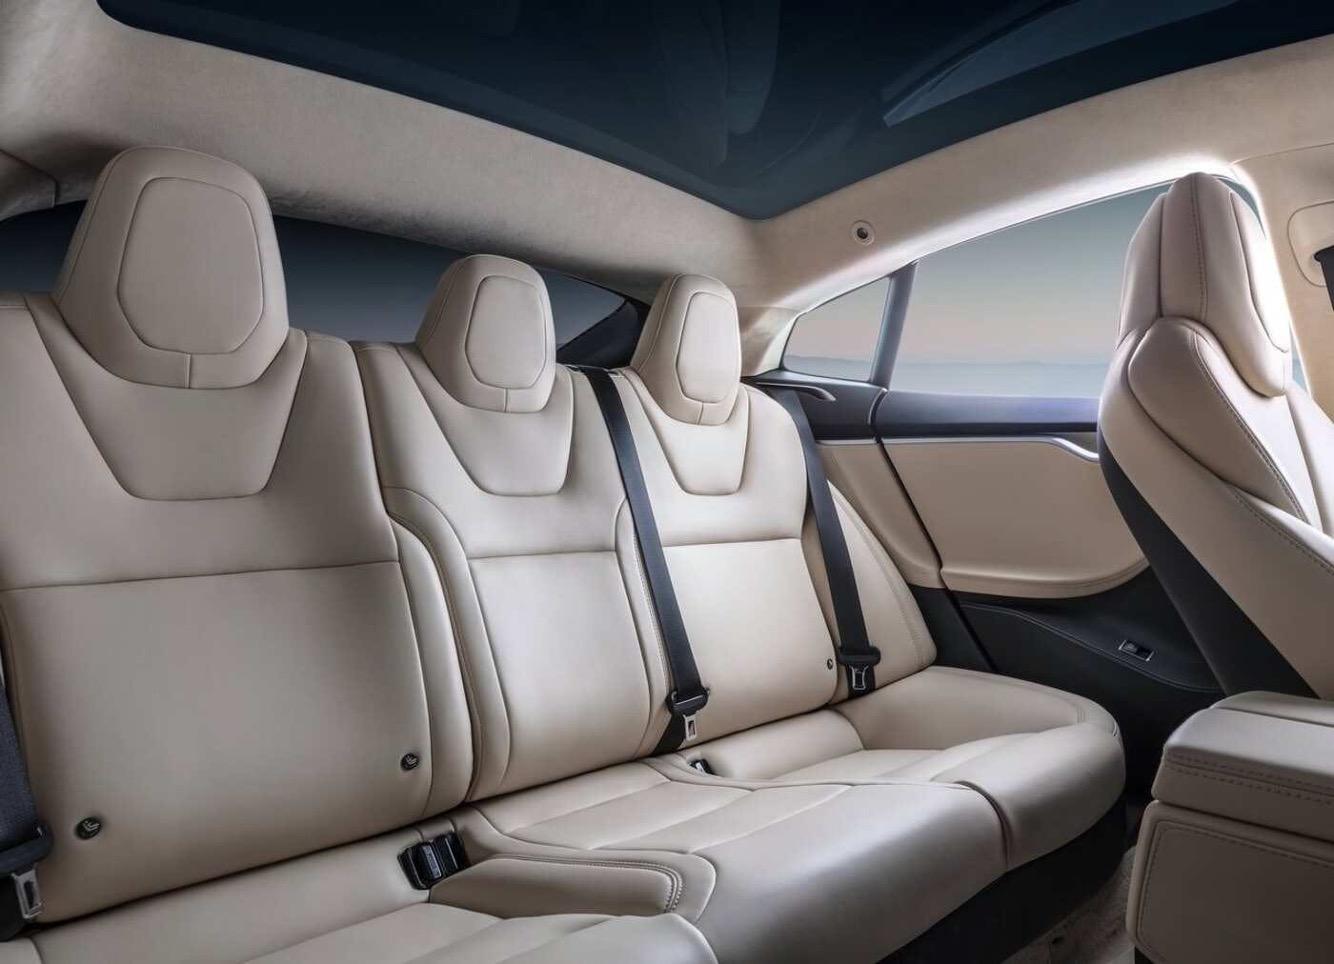 Interior-Of-Car